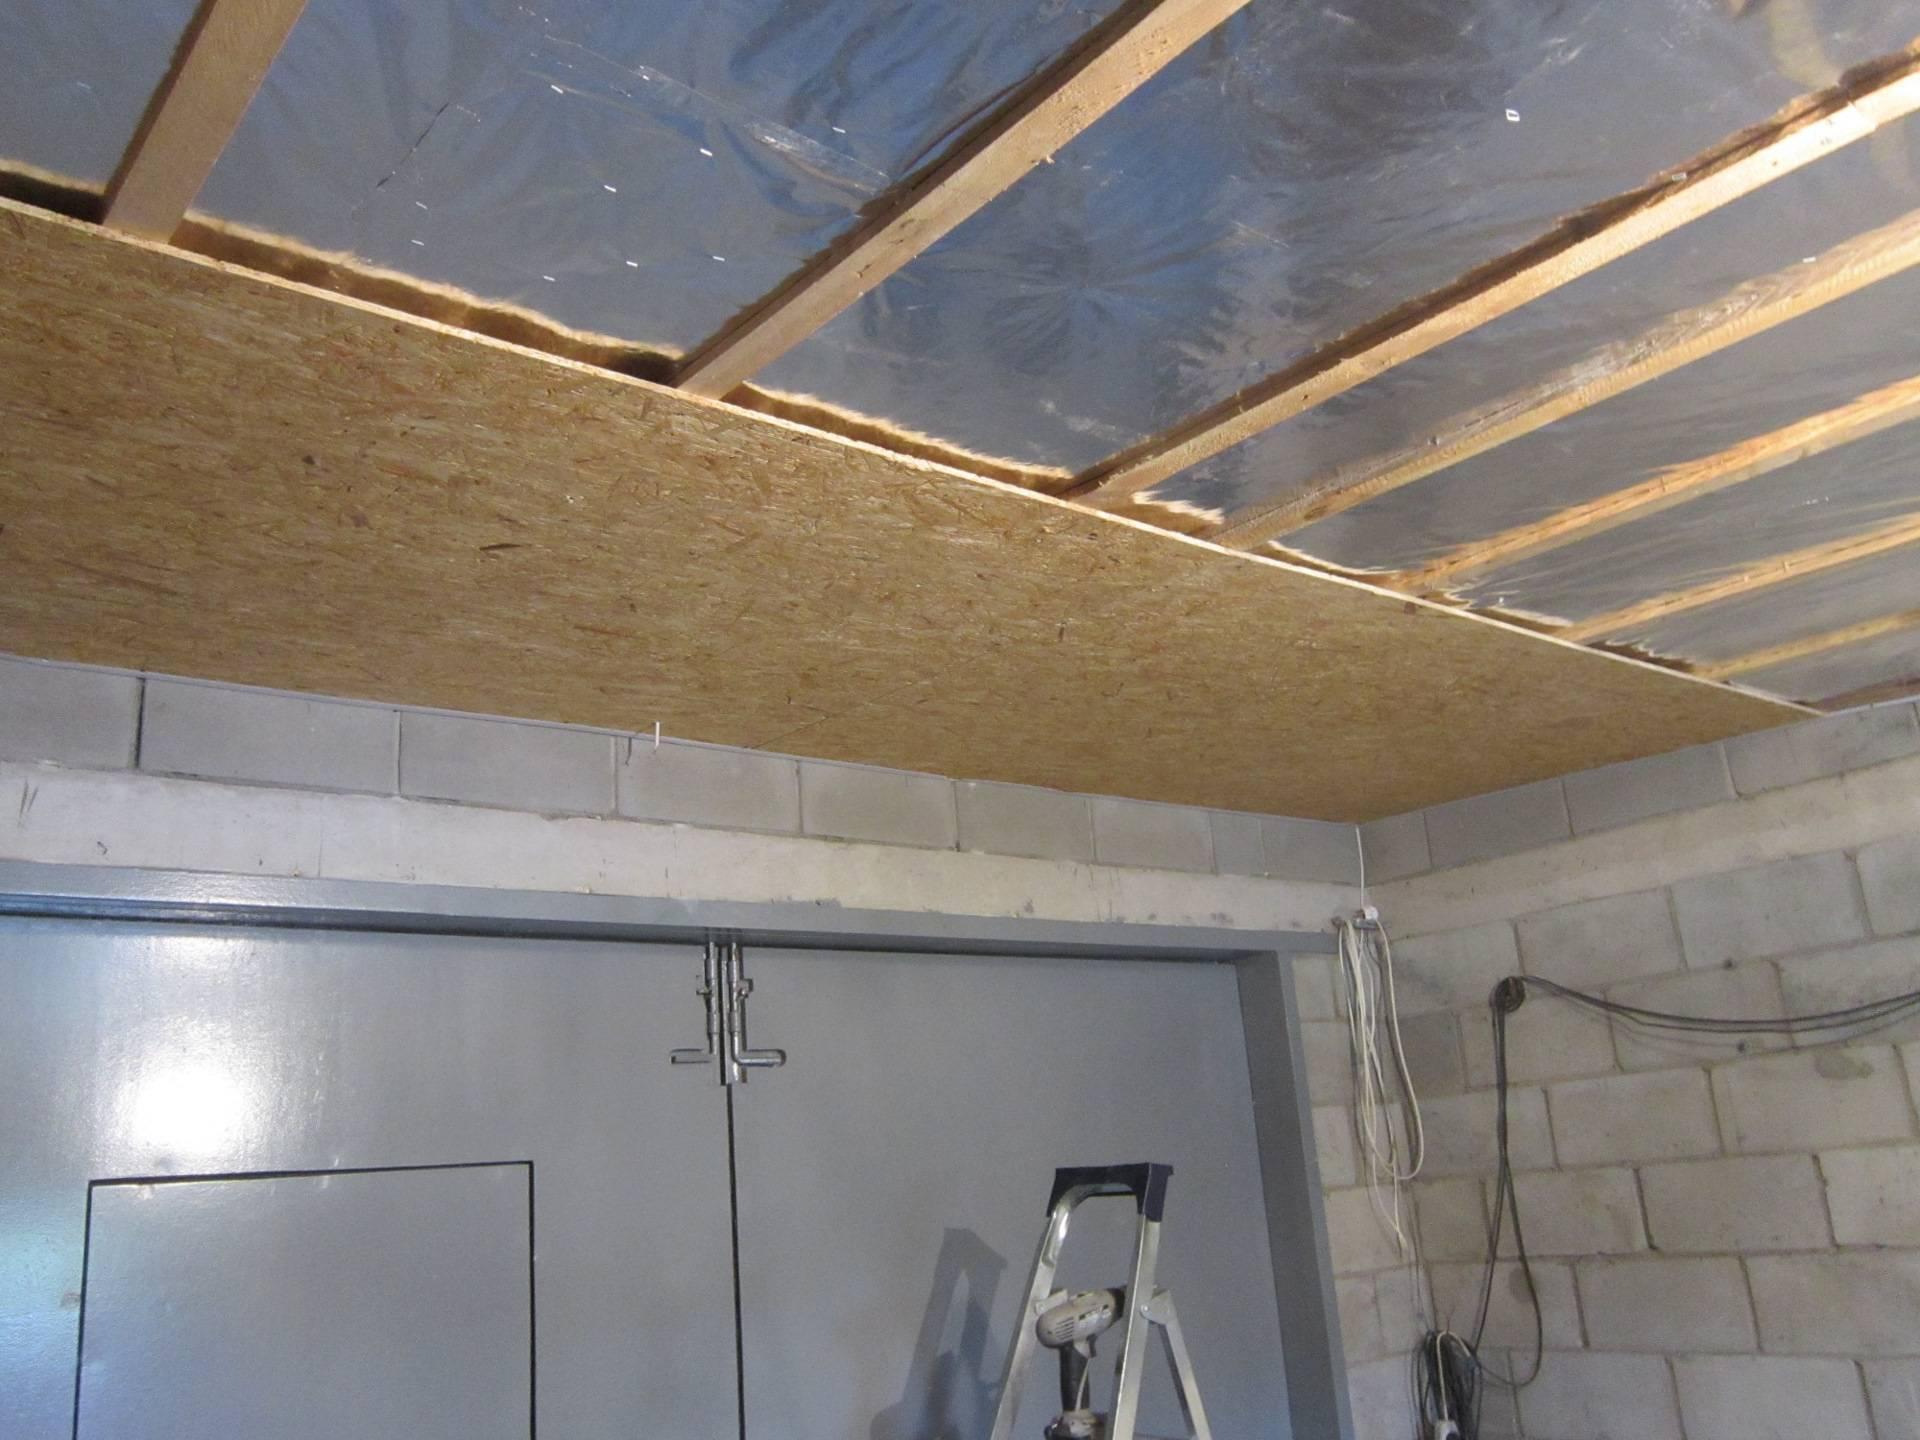 Утепление потолка в гараже своими руками: как сделать теплоизоляцию изнутри